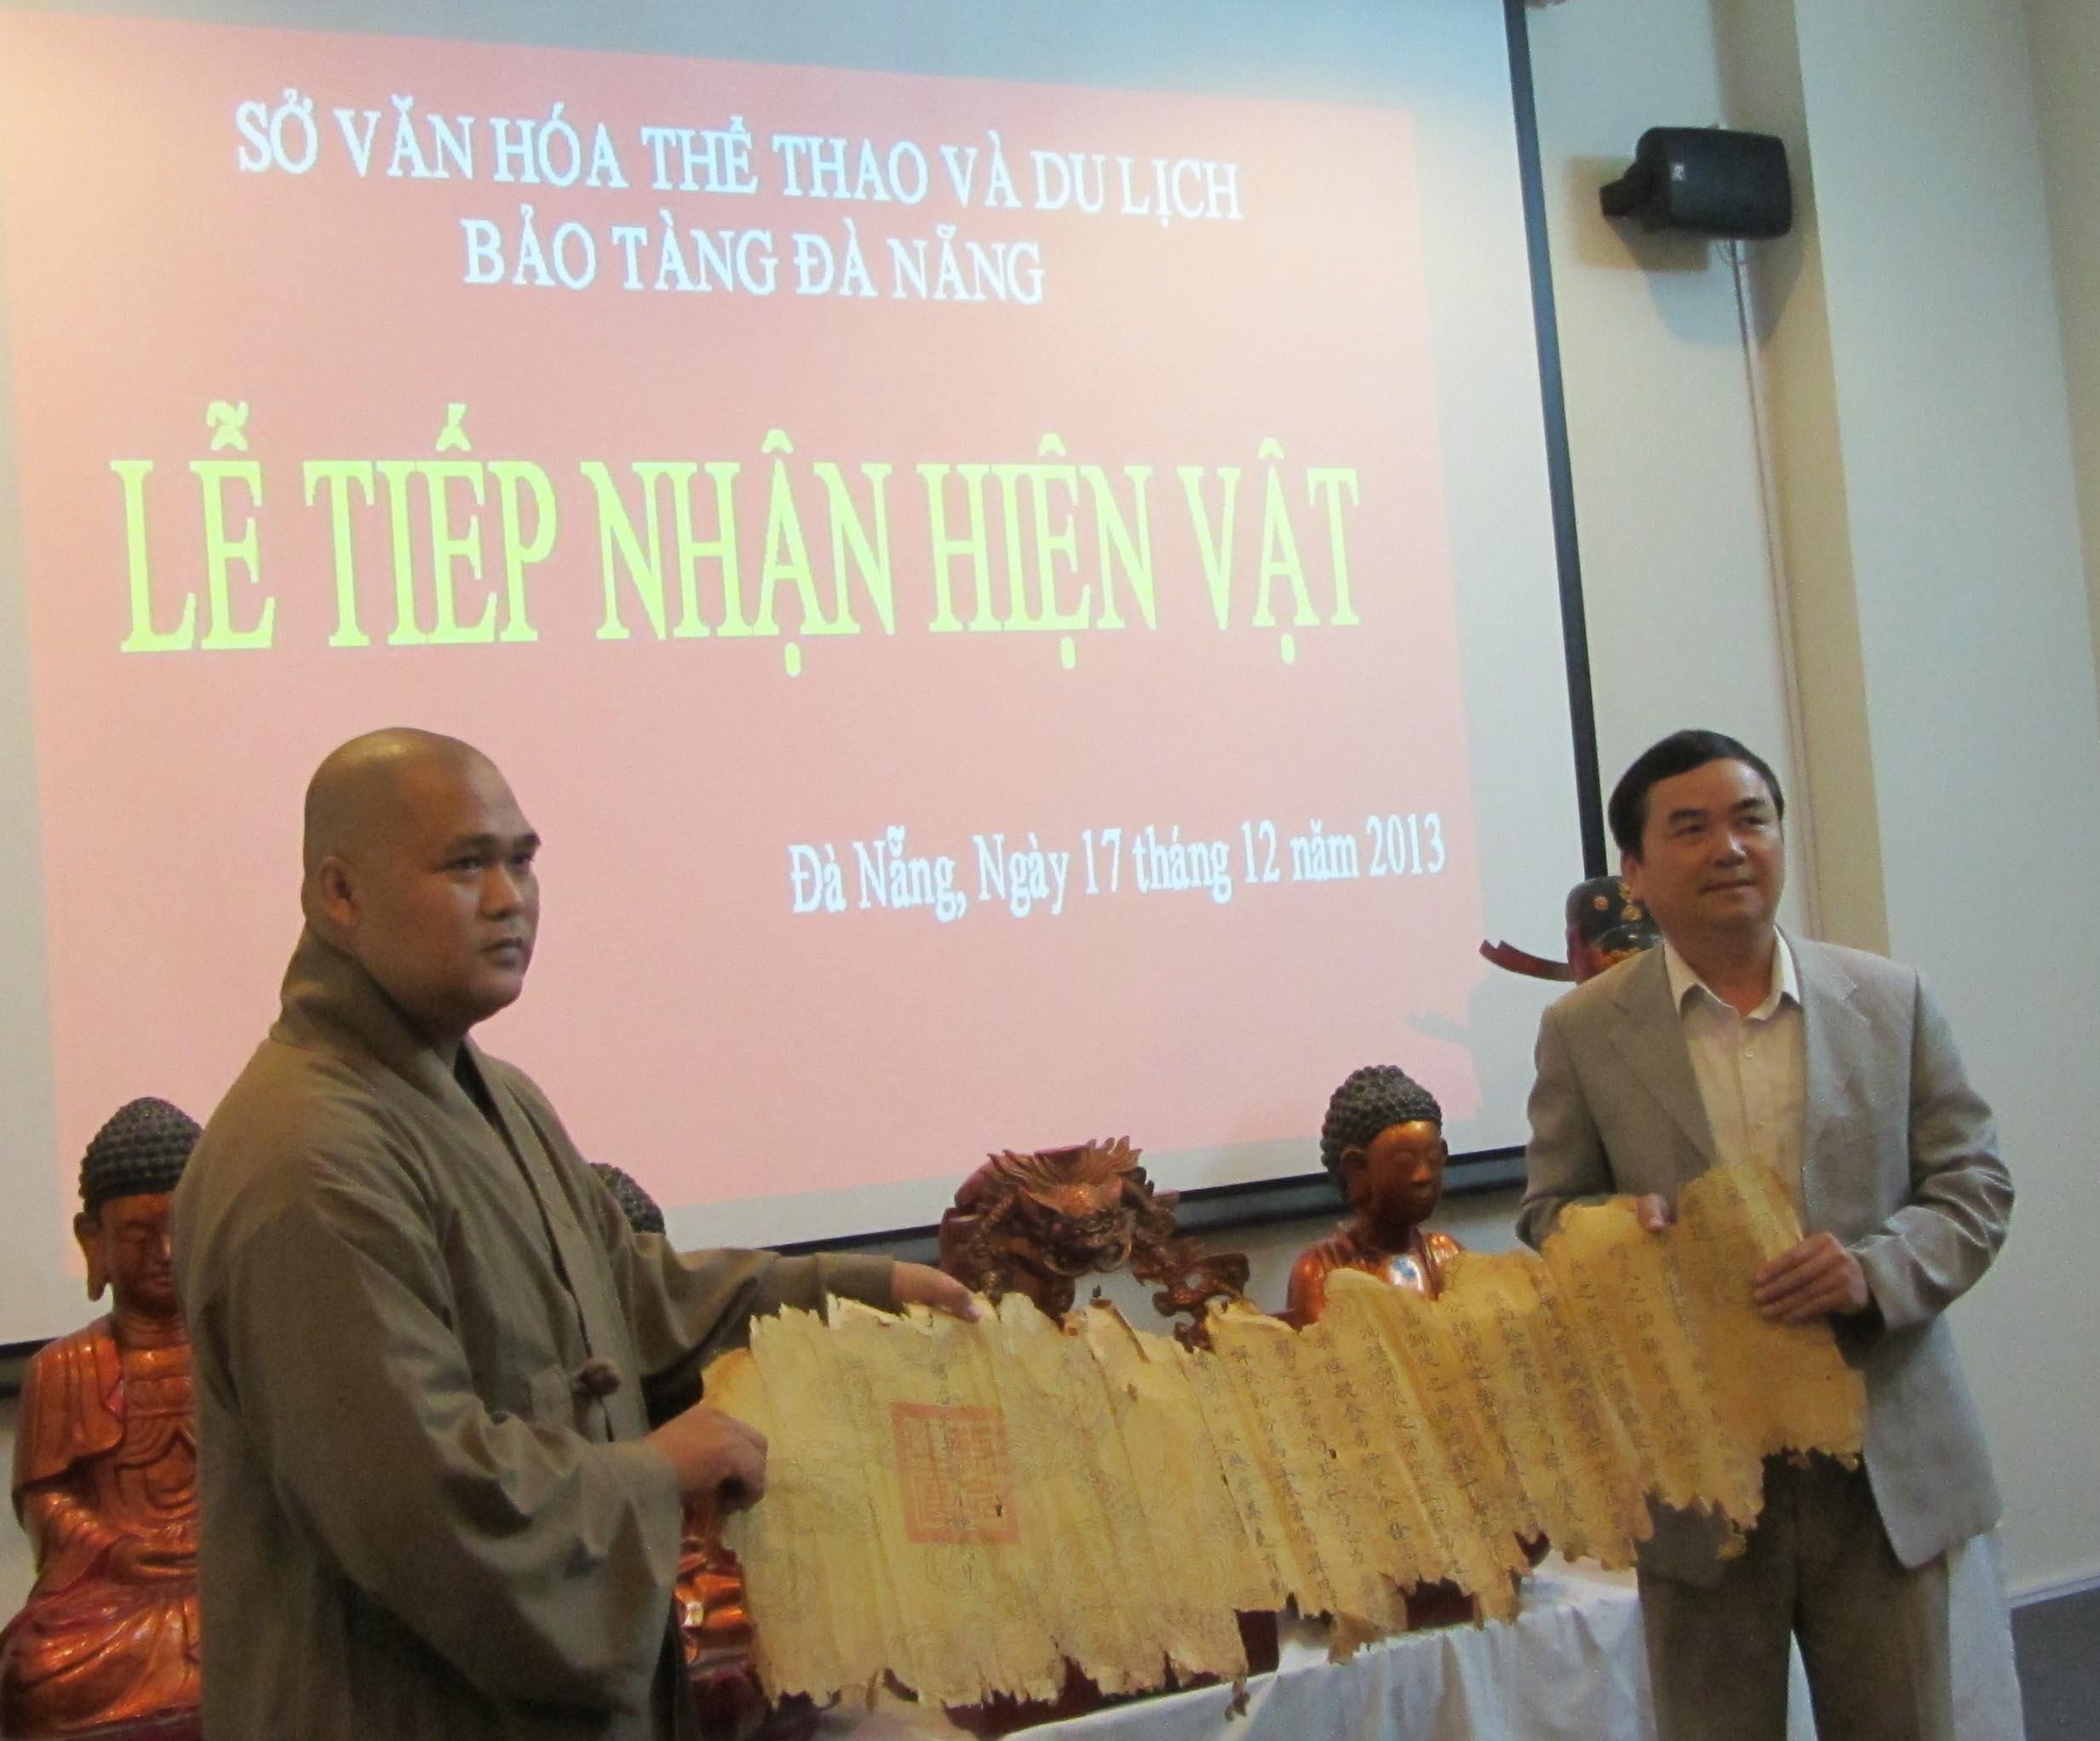 Hiến tặng nhiều hiện vật quý cho Bảo tàng Đà Nẵng 1